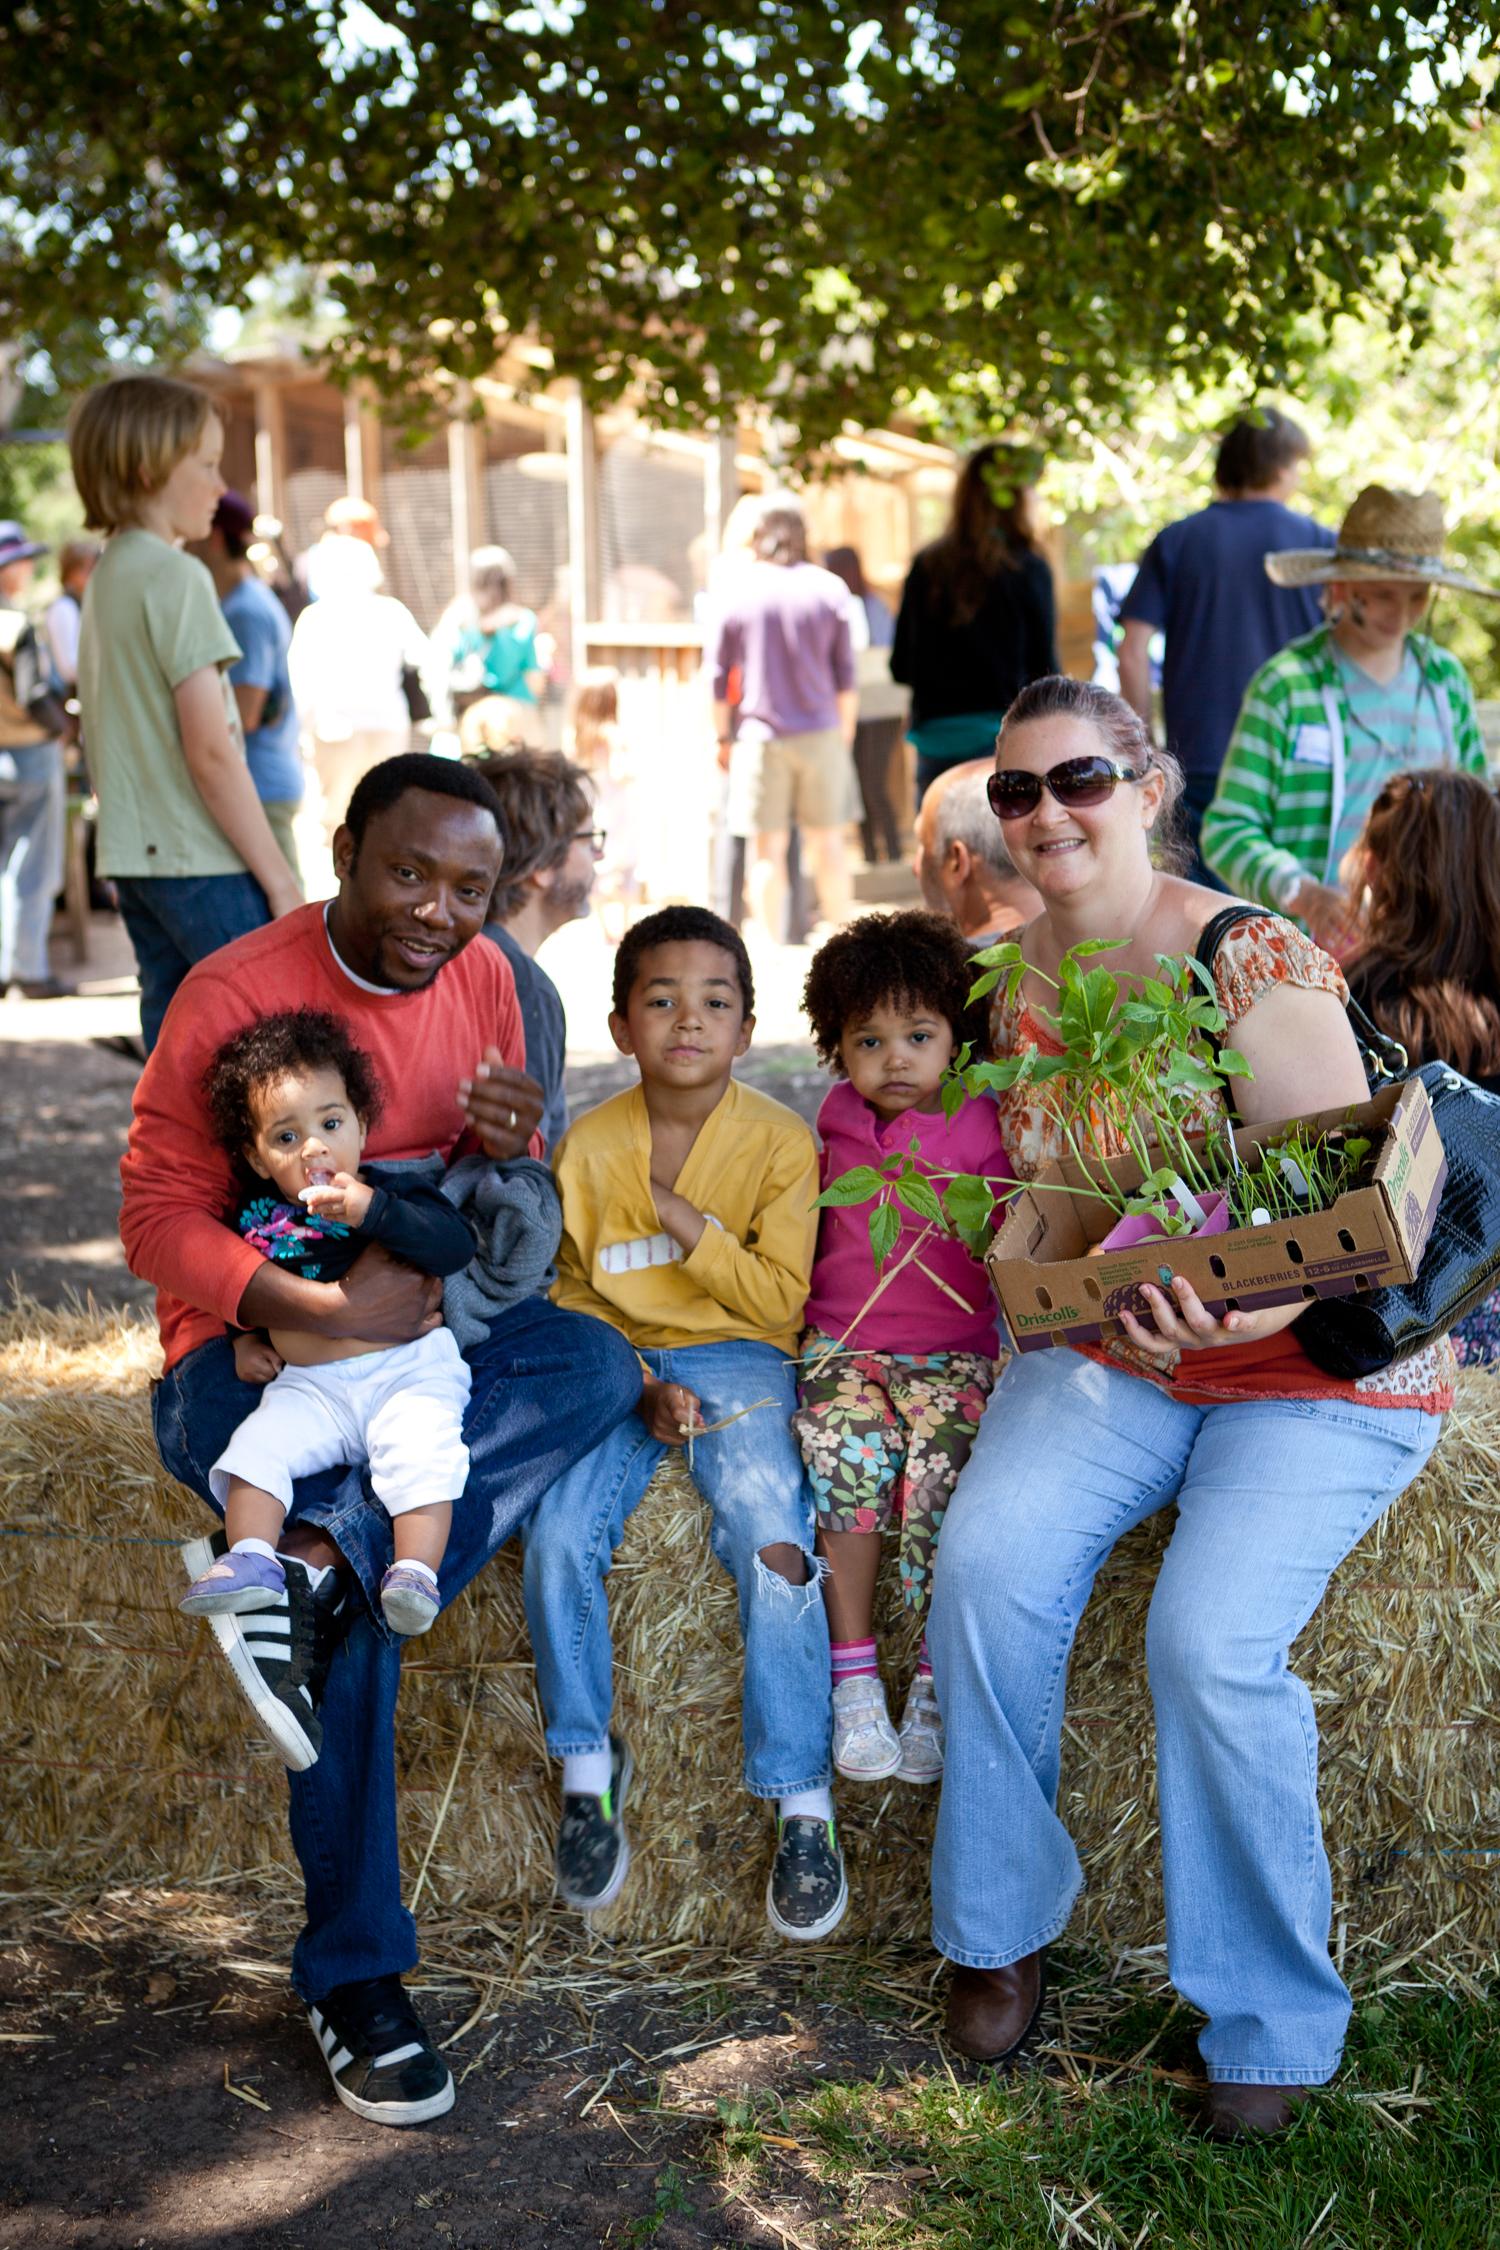 erinscottphotography_edibleschoolyardberkeley-20.jpg